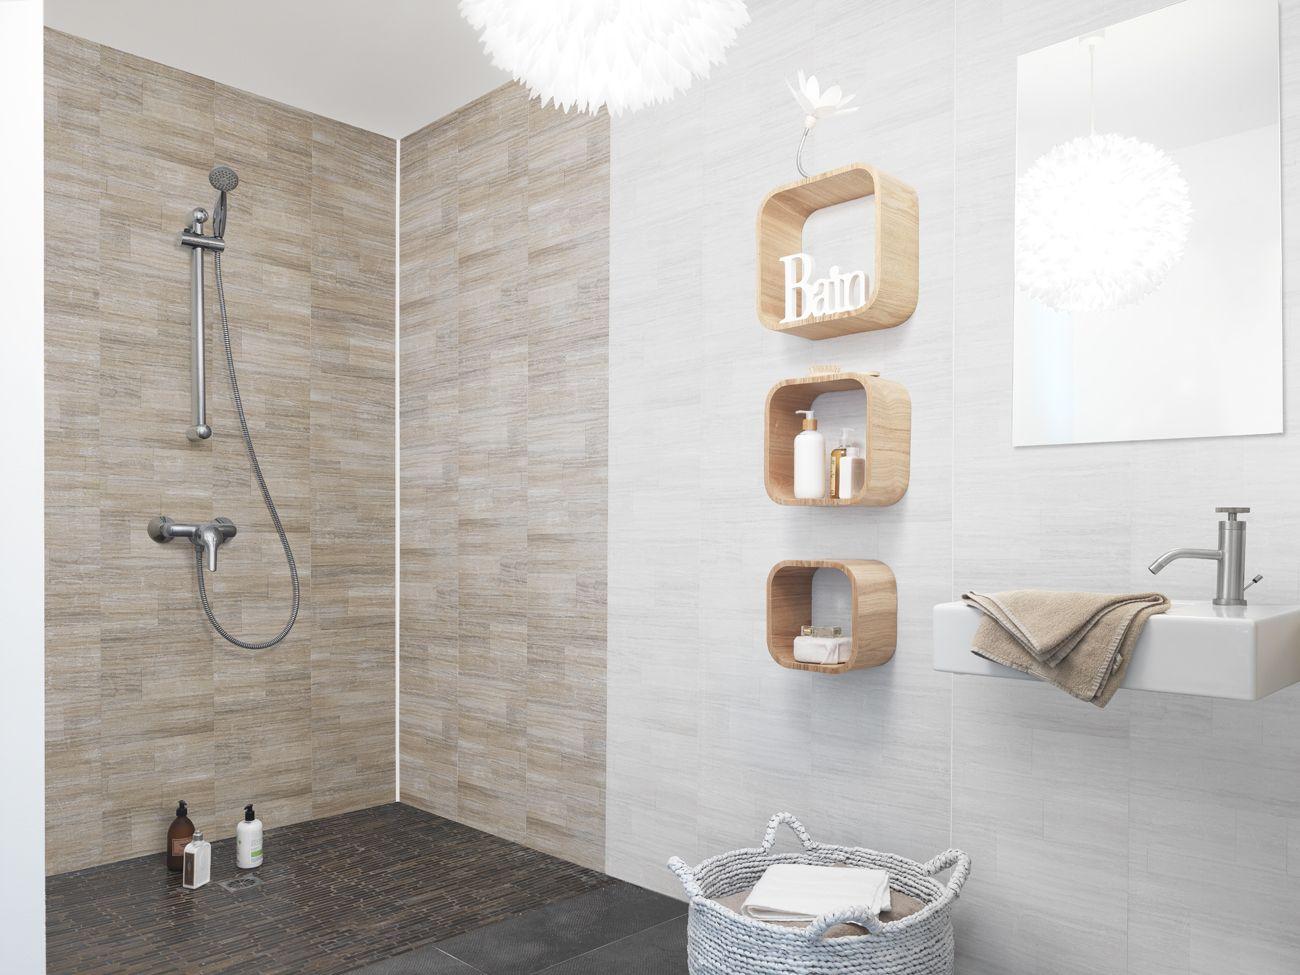 Revestimiento element mineral dune  Salle de bain, Panneau douche